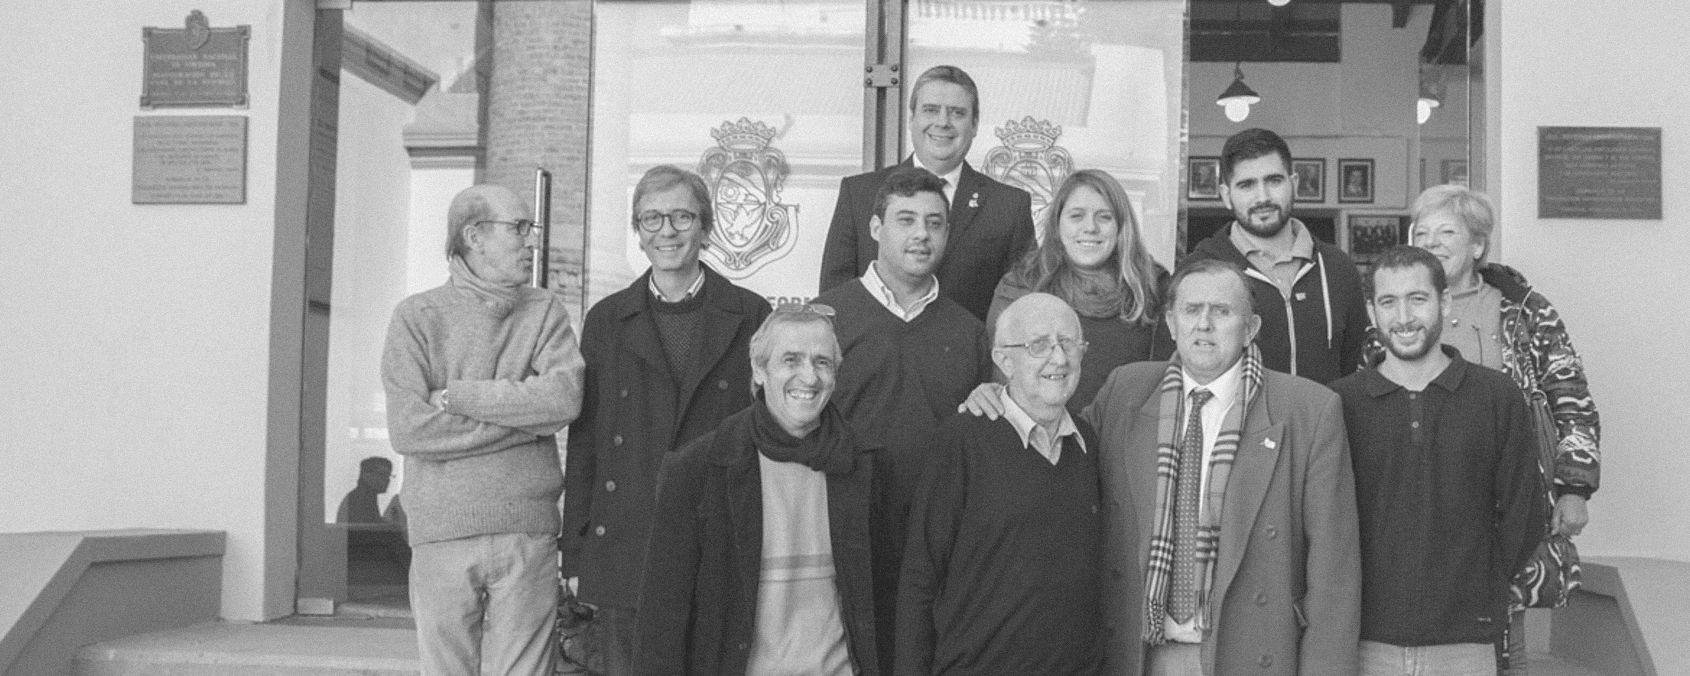 La UNC le entregó un reconocimiento a uno de los nietos de Enrique Barros